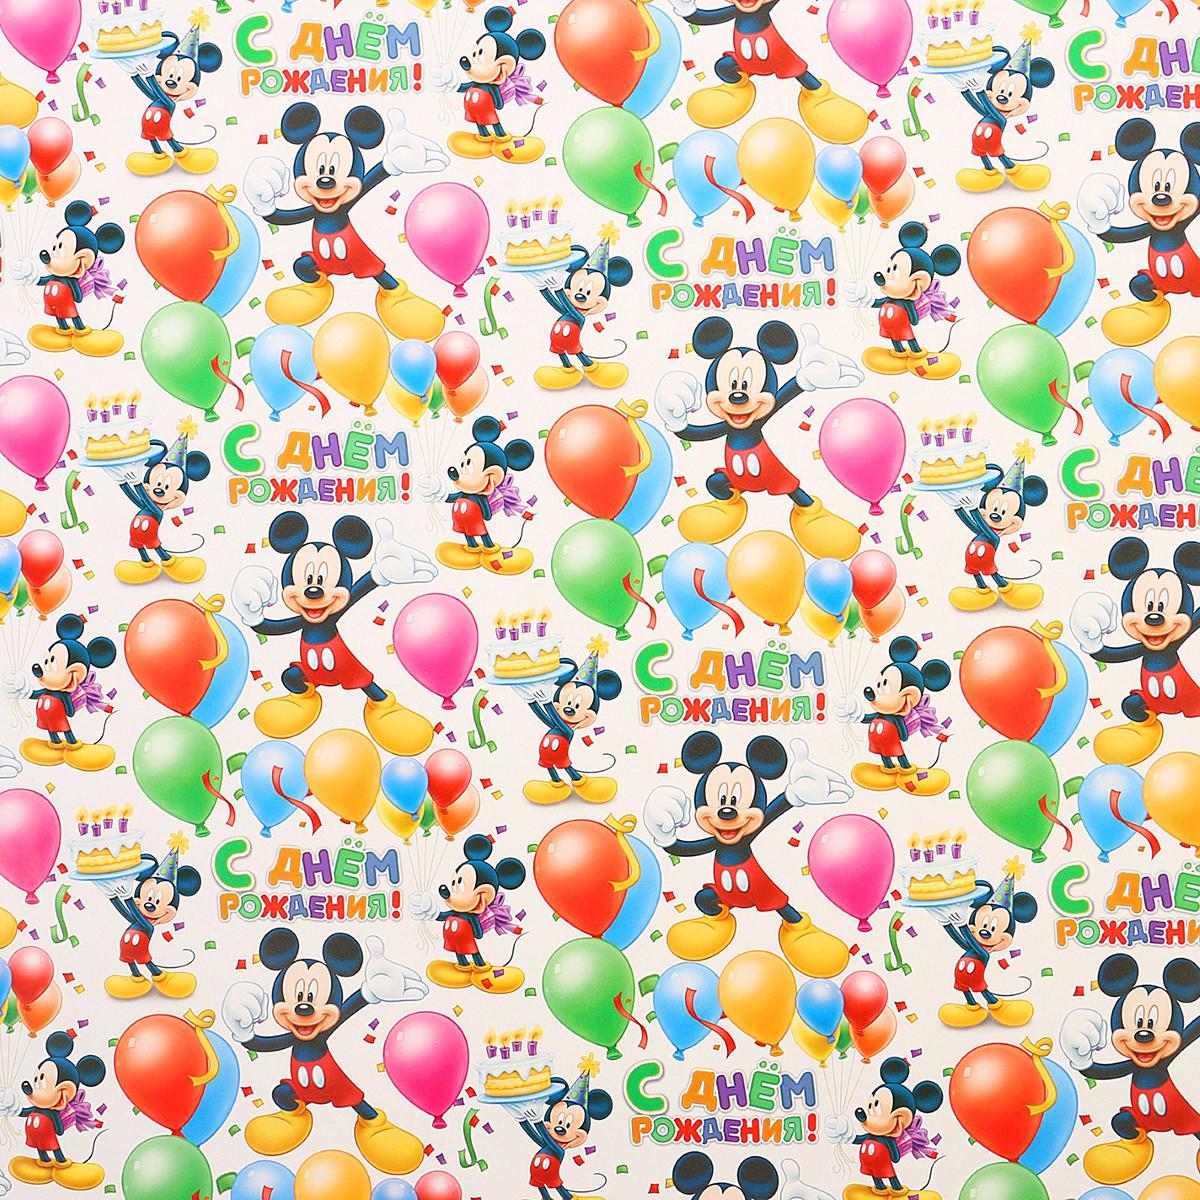 Удивительный мир Disney теперь совсем близко! Любимые герои и сюжеты превращают любое изделие в современное произведение искусства с голливудским характером. Подарочная глянцевая бумага отличается высоким качеством печати и плотностью материала, что делает её удобной в вопросе оформления подарков. Такая упаковка всегда будет актуальна, ведь мультфильмы Disney, как вино, с годами становятся только лучше.